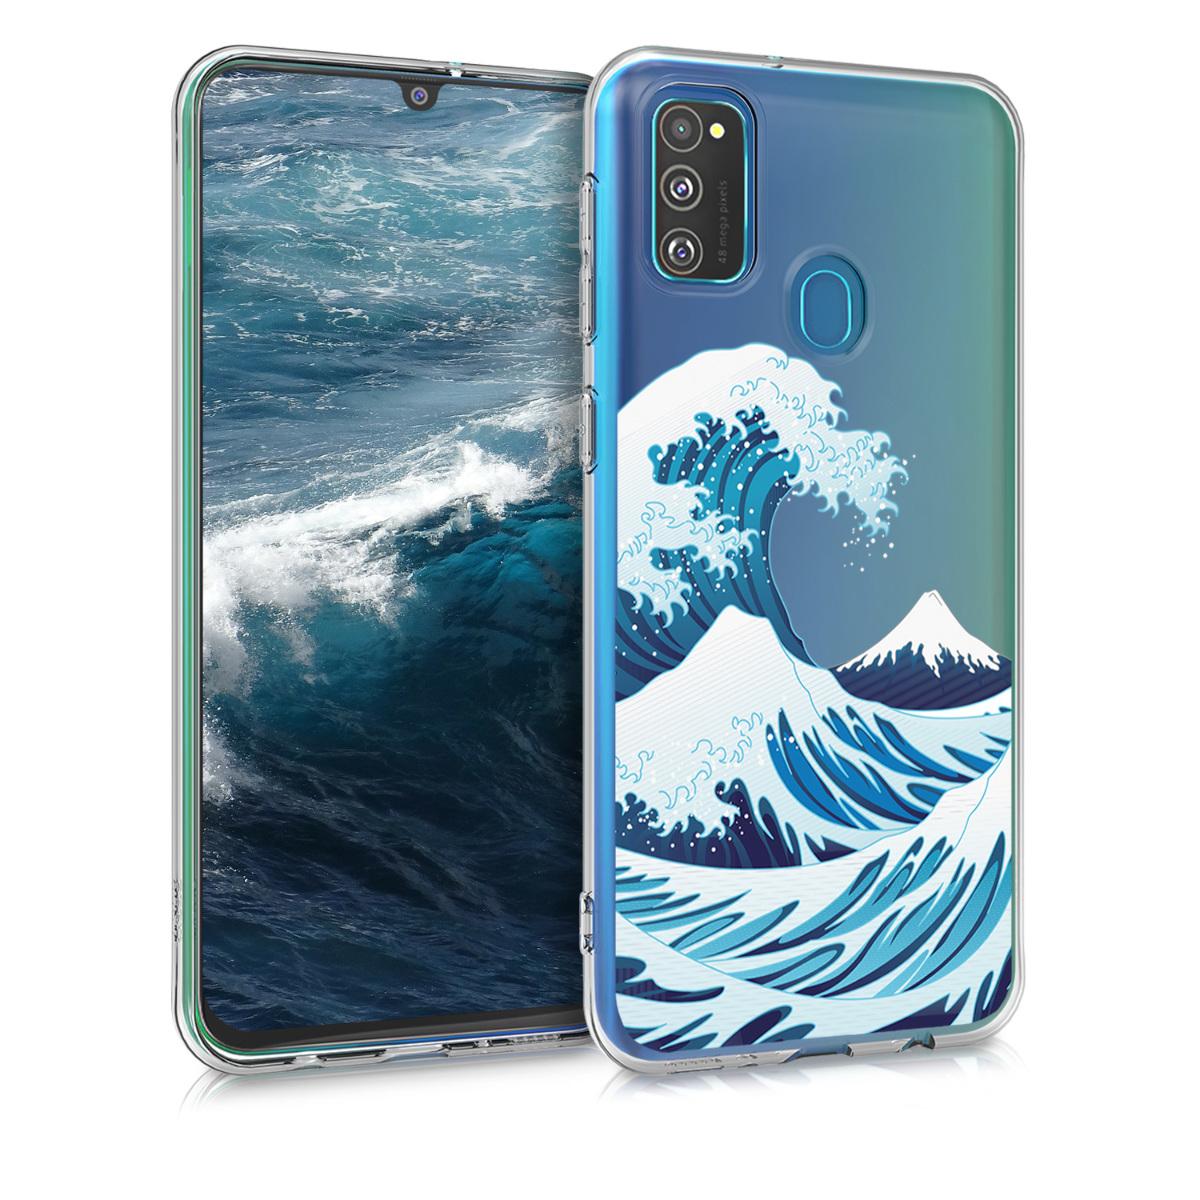 Kvalitní silikonové TPU pouzdro pro Samsung M30s - Japenese Wave modré / Bílá / Průhledná